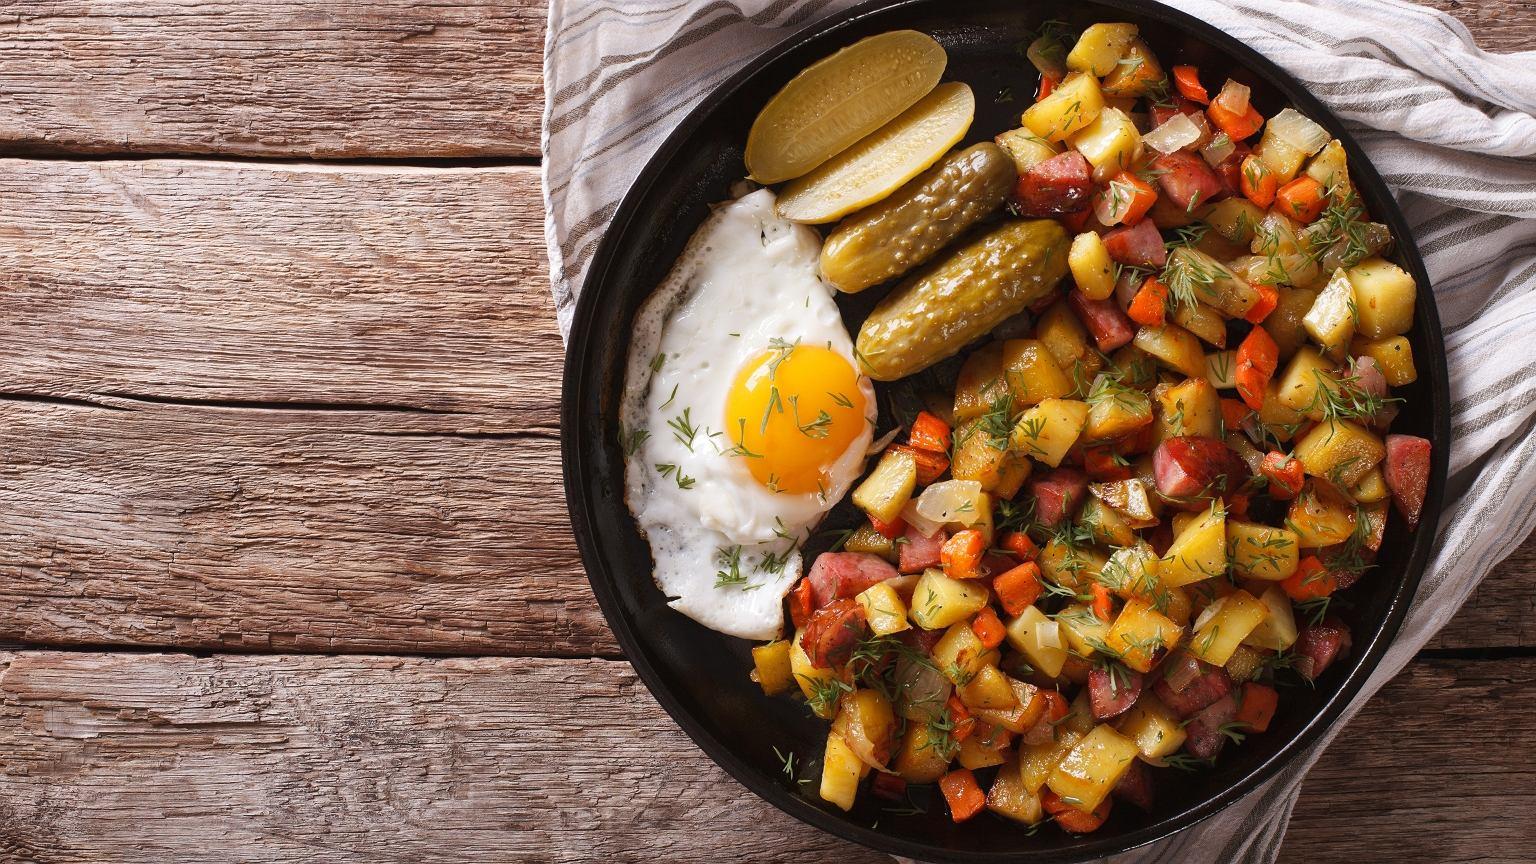 Pyttipannu to jedno z klasycznych dań kuchni skandynawskiej